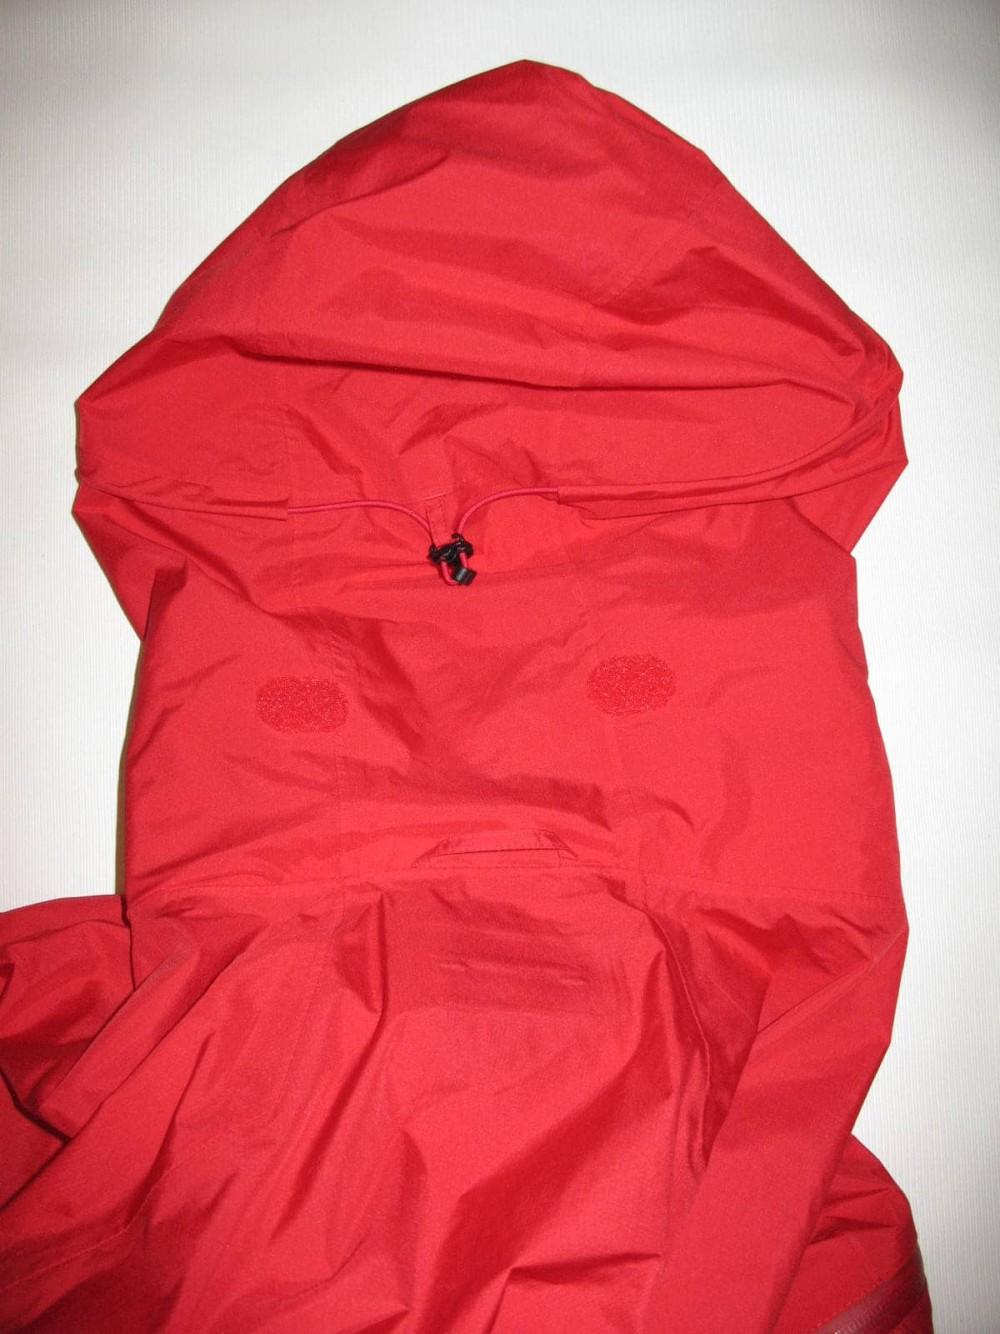 Куртка MOUNTAIN EQUIPMENT  aeon jacket (размер L) - 9